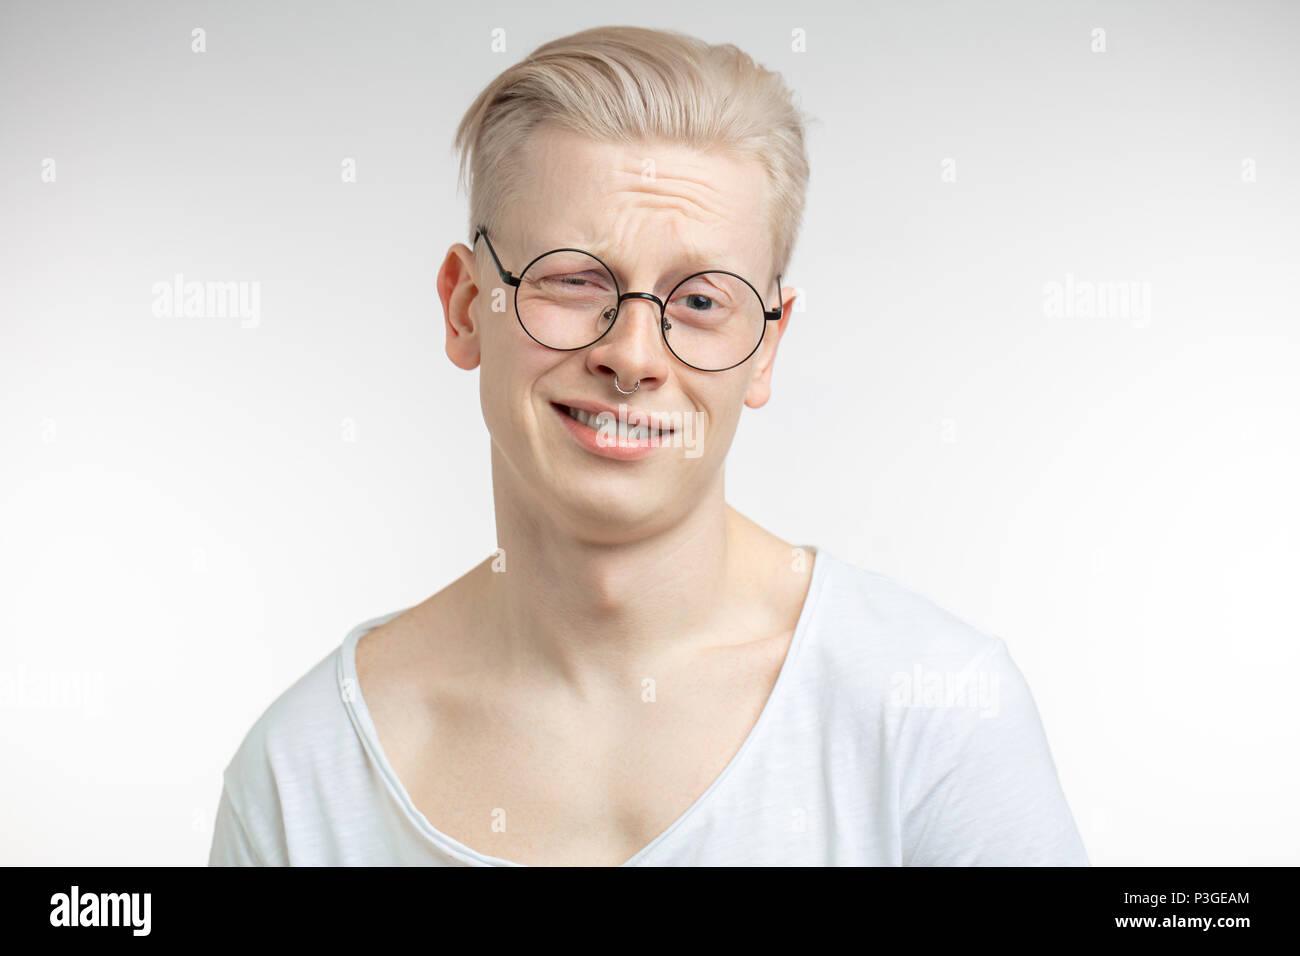 Zweifel, Ausdruck und Personen Konzept - Mann Zweifel über grauer Hintergrund Stockbild